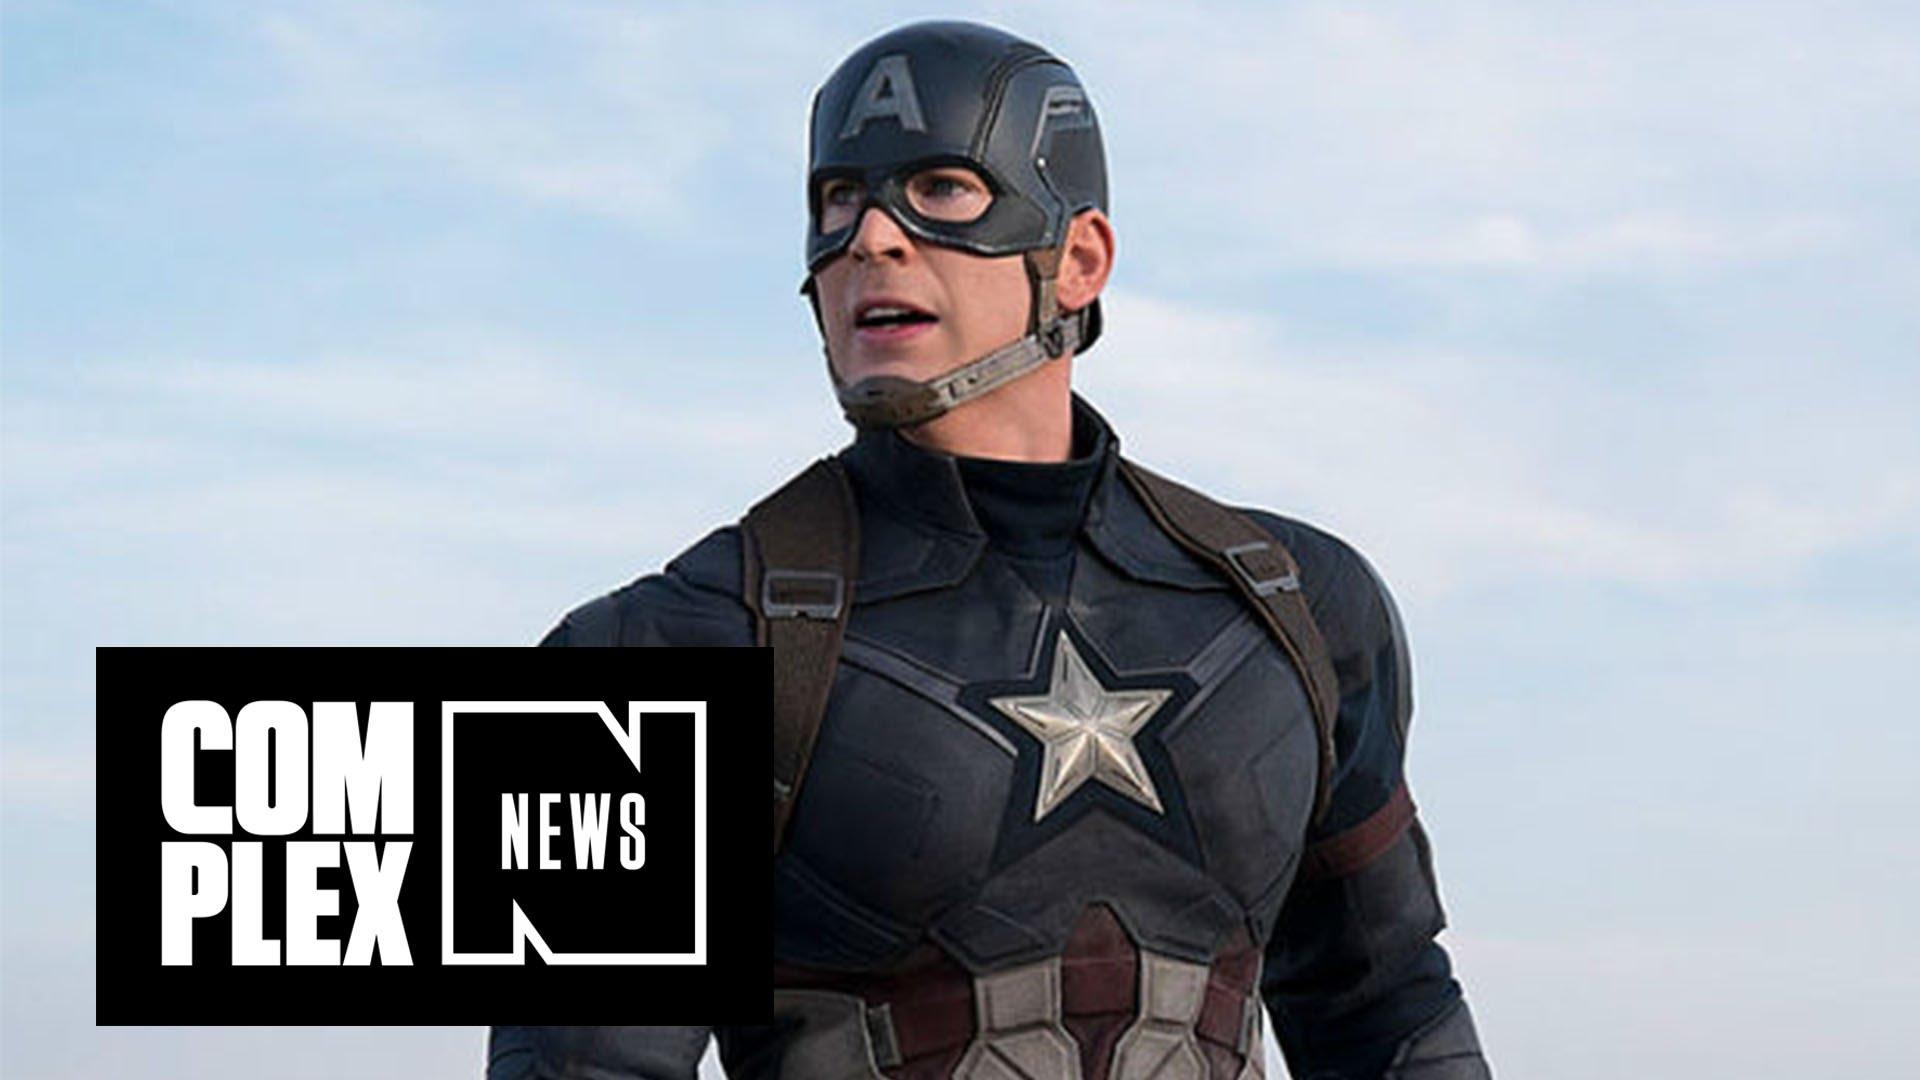 Steve Rogers Wont Be Captain America In Avengers 1920x1080